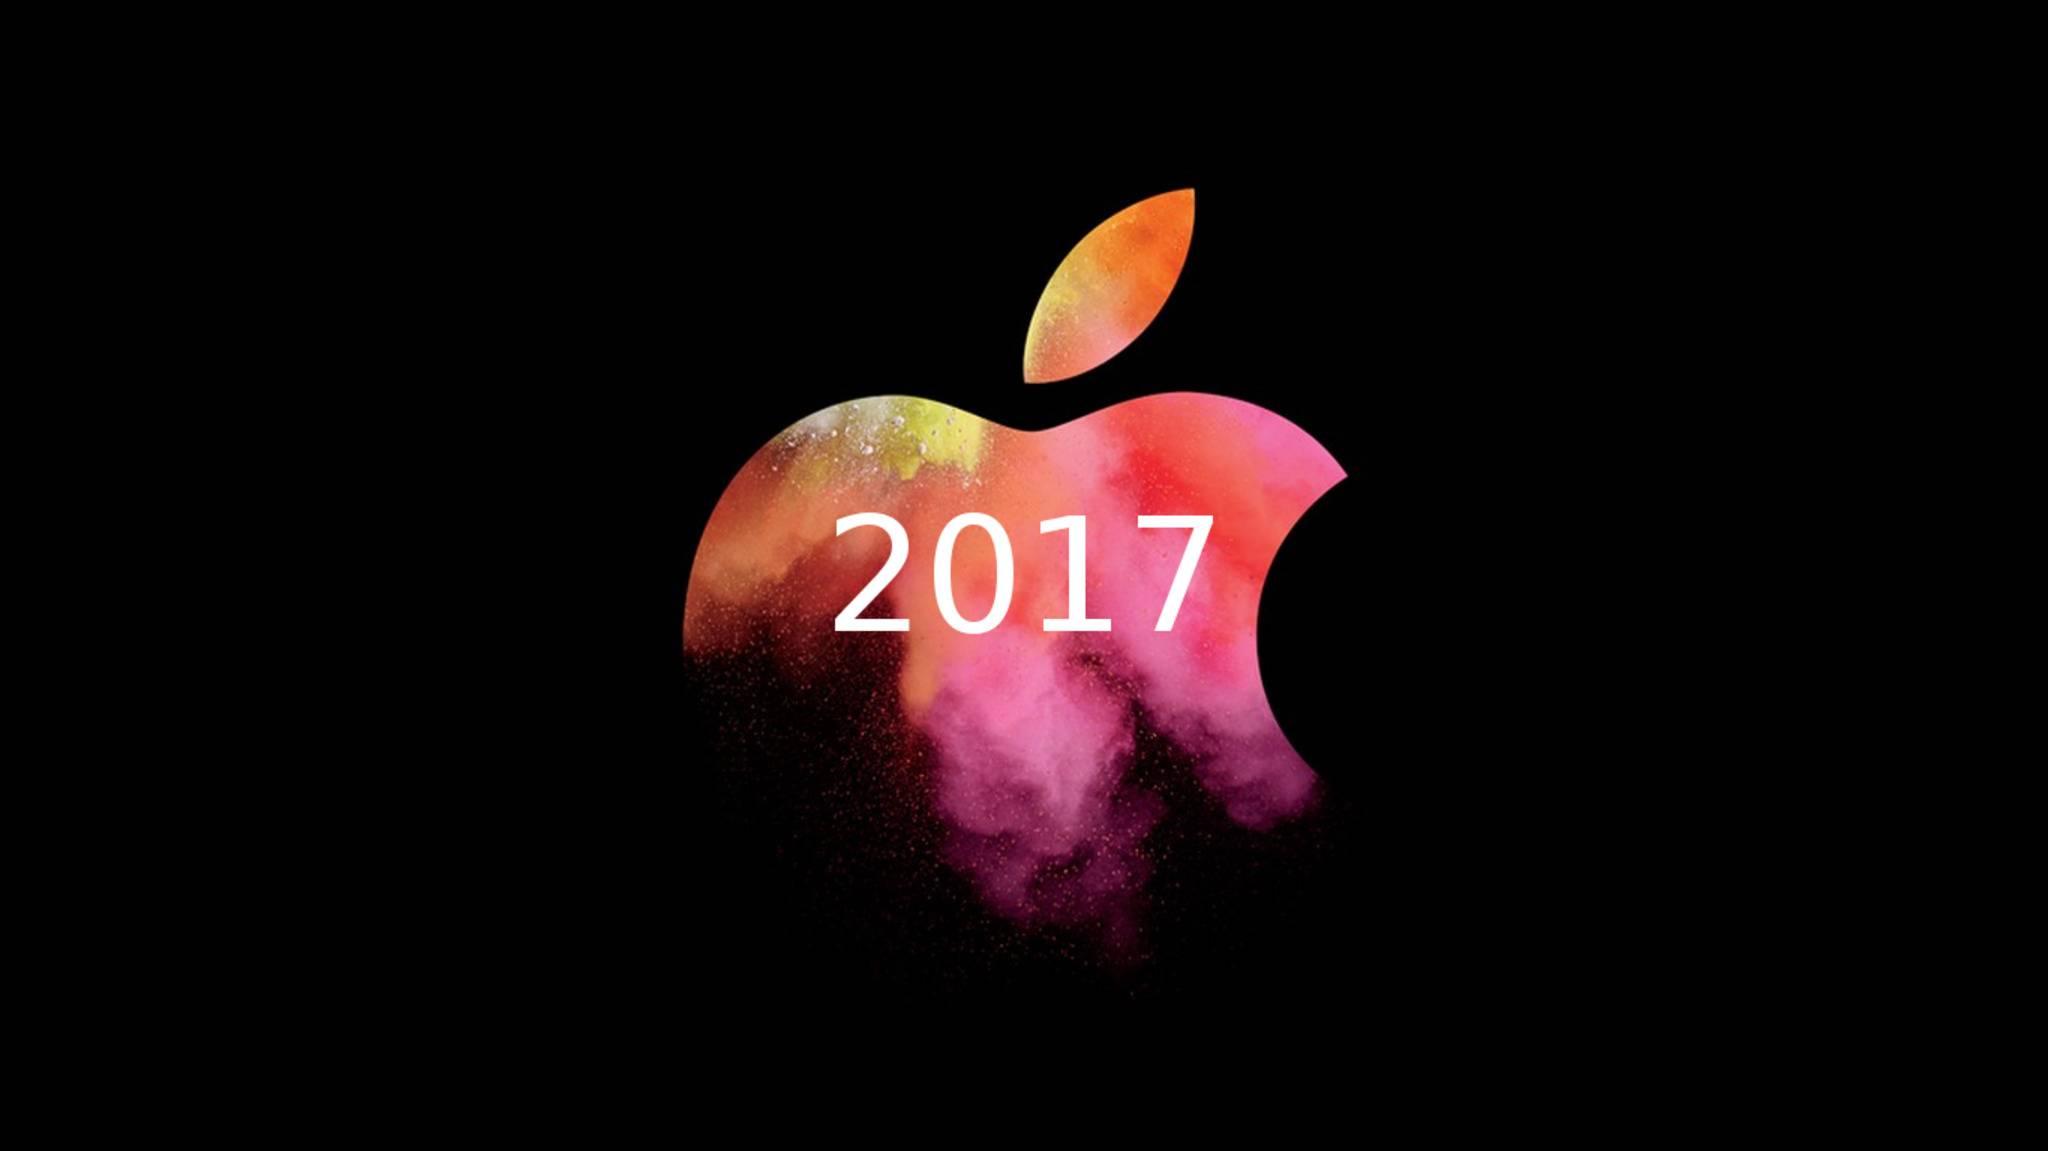 Plant Apple für 2017 neben dem iPhone 8 auch neue iMacs, einen Mac Mini oder ein MacBook Air?